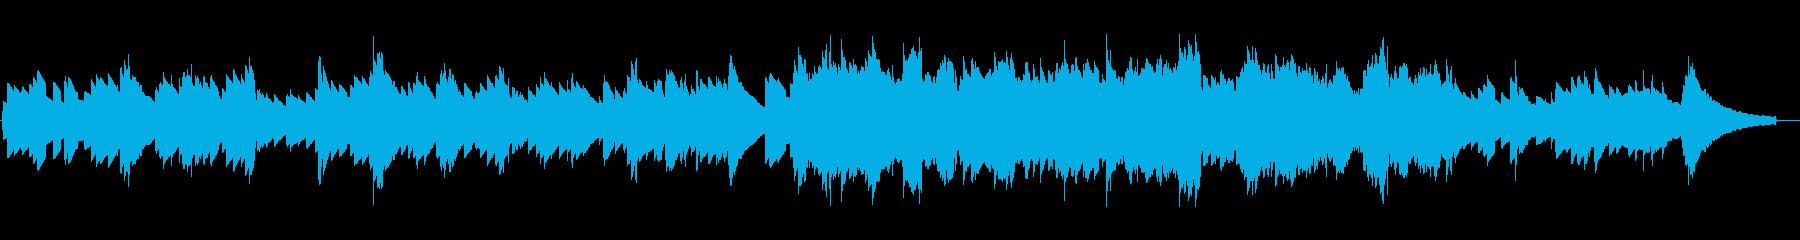 レトロな電子ピアノの素朴で静かなジングルの再生済みの波形